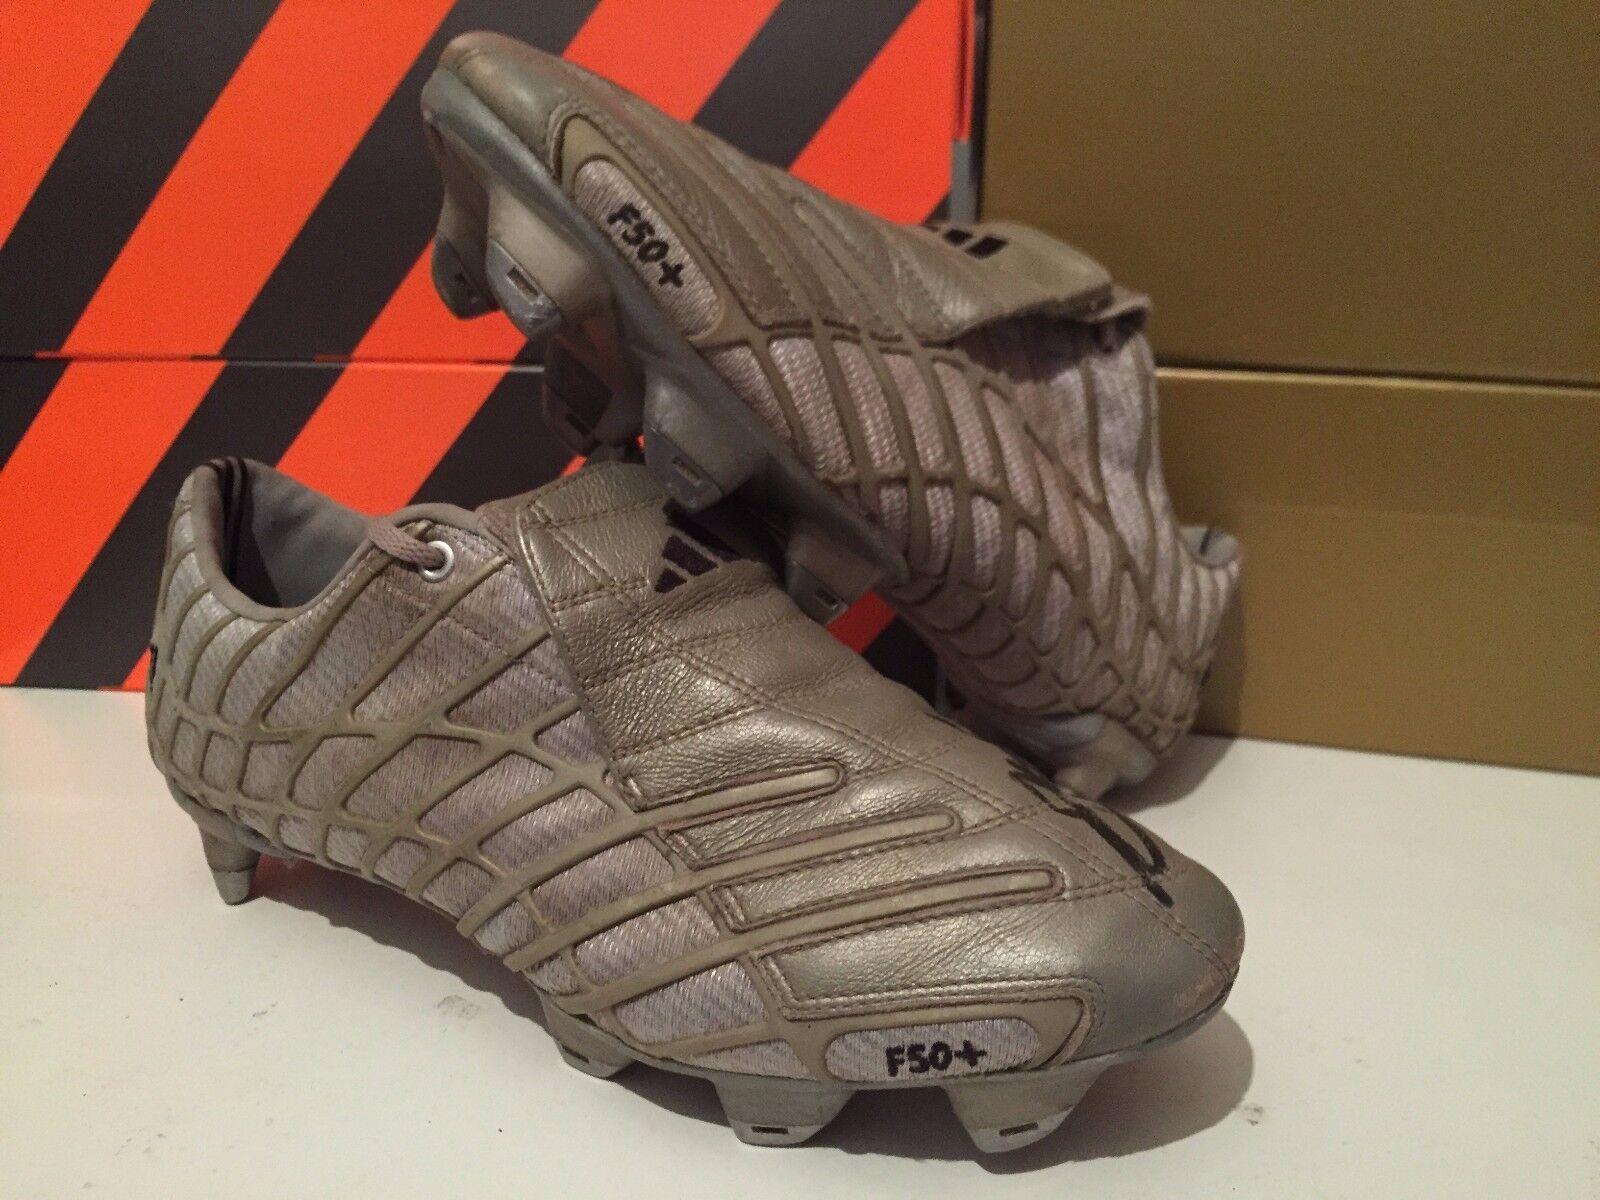 Match Worn emitido firmado Adidas f50 Adizero 8 7 SG F50+ reproductor desconocido Araña 29